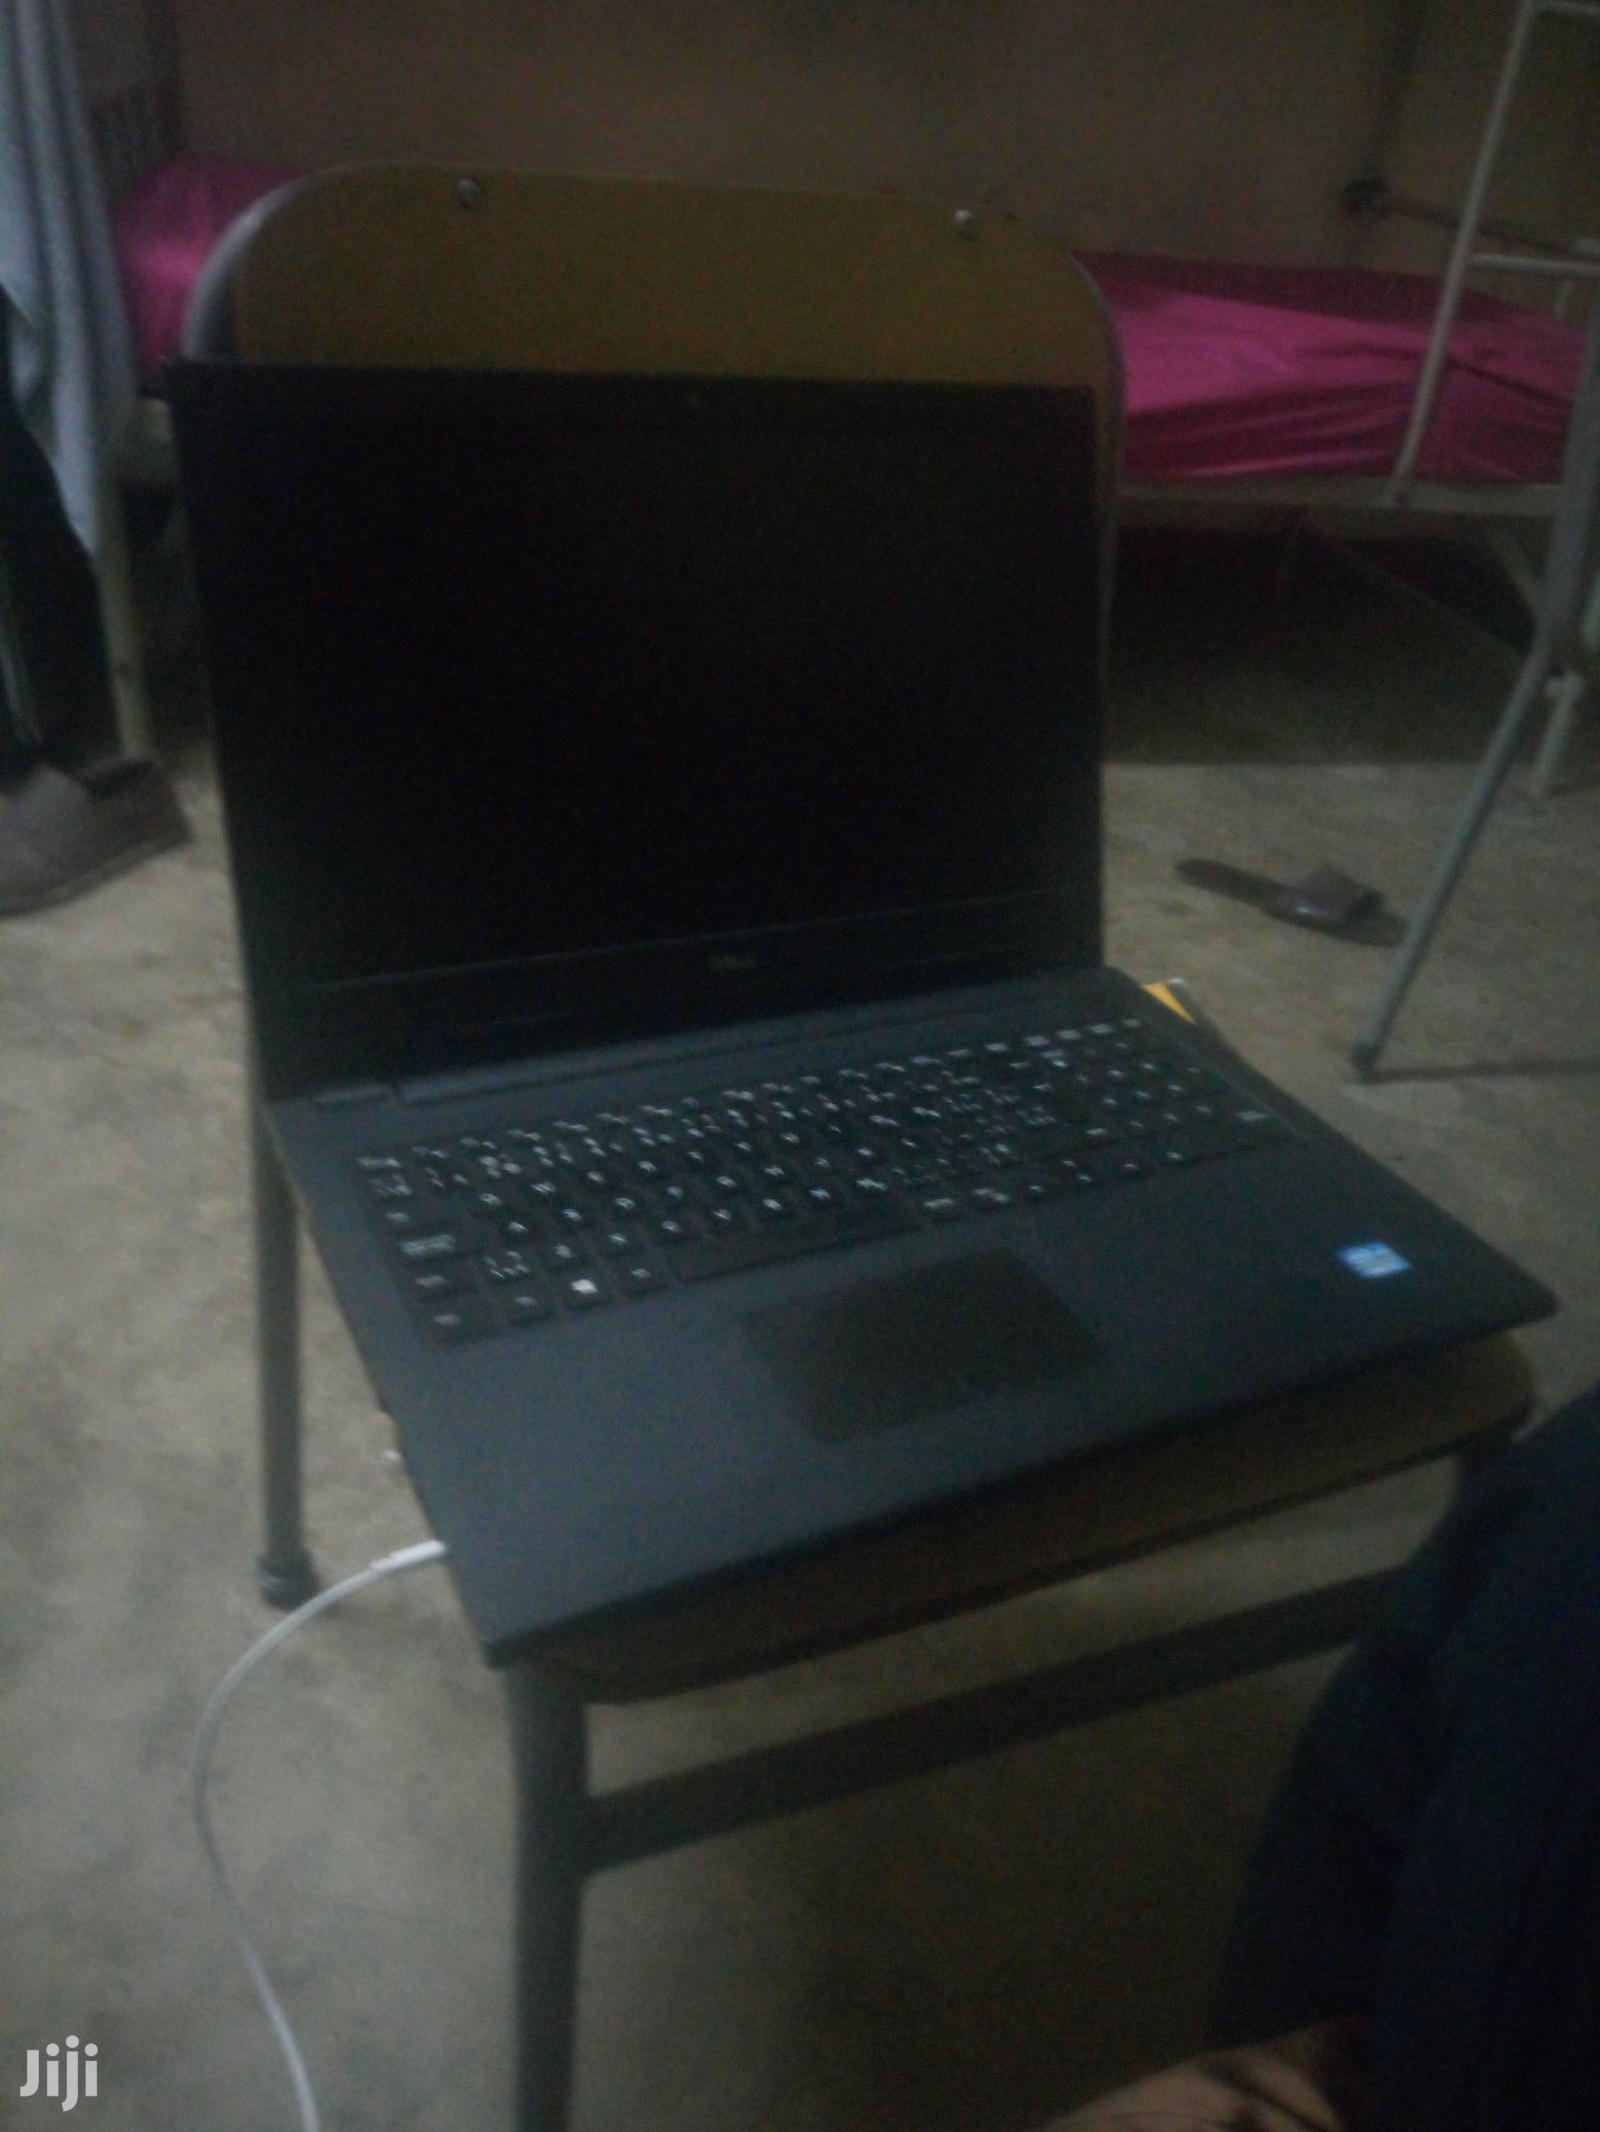 Archive: Laptop Dell Inspiron 3542 4GB Intel Core i5 500GB